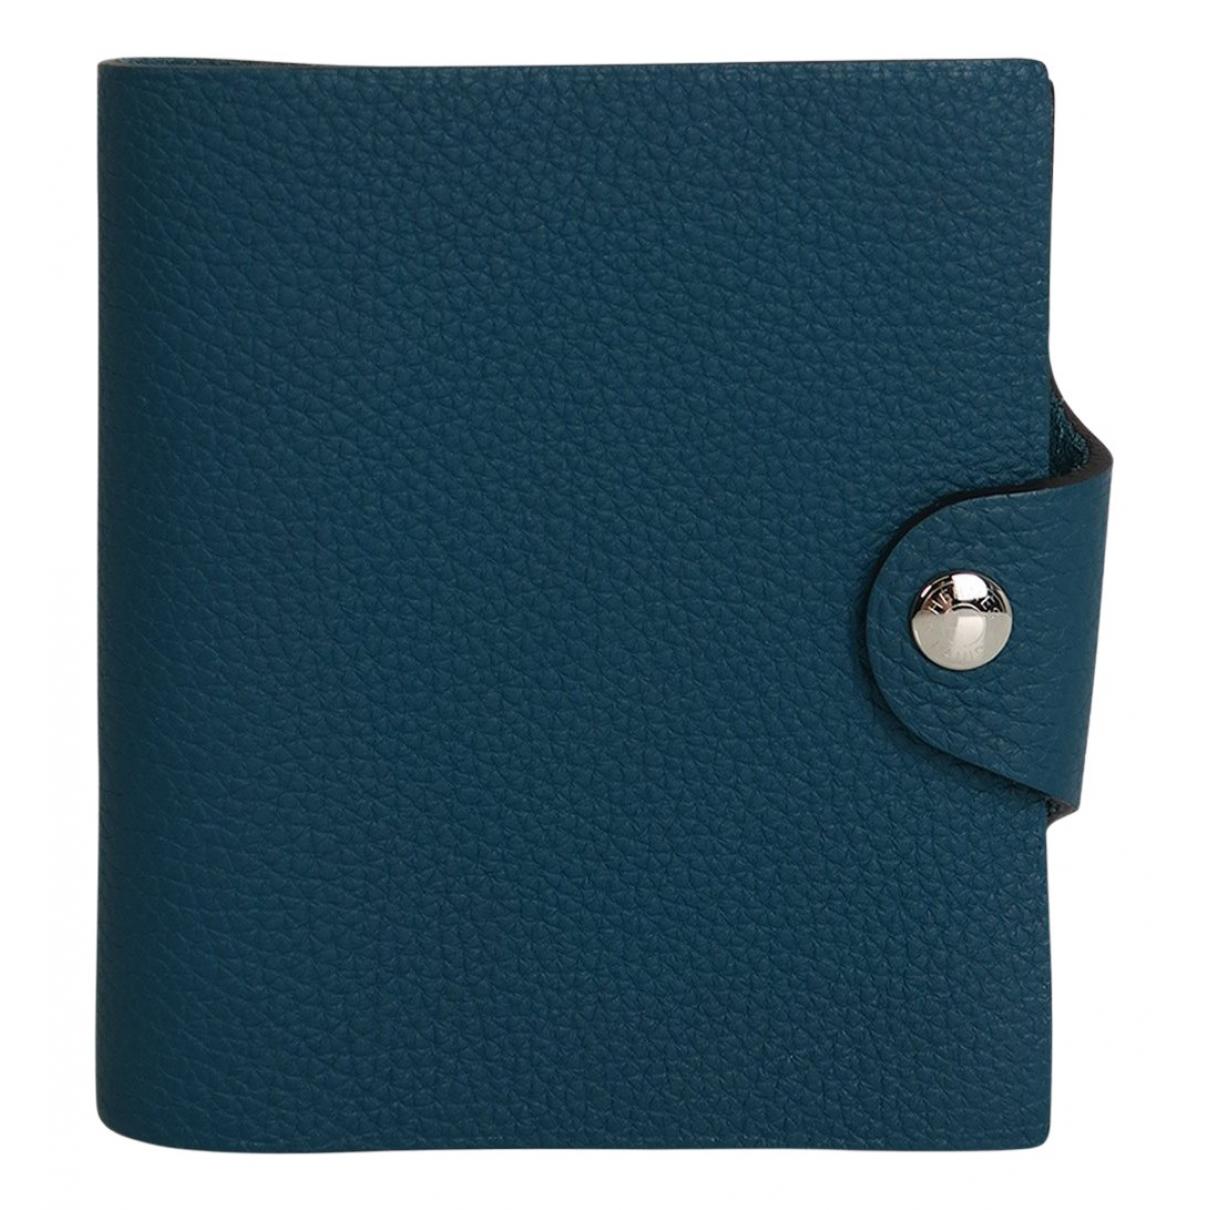 Hermes Ulysse PM Accessoires und Dekoration in  Blau Leder